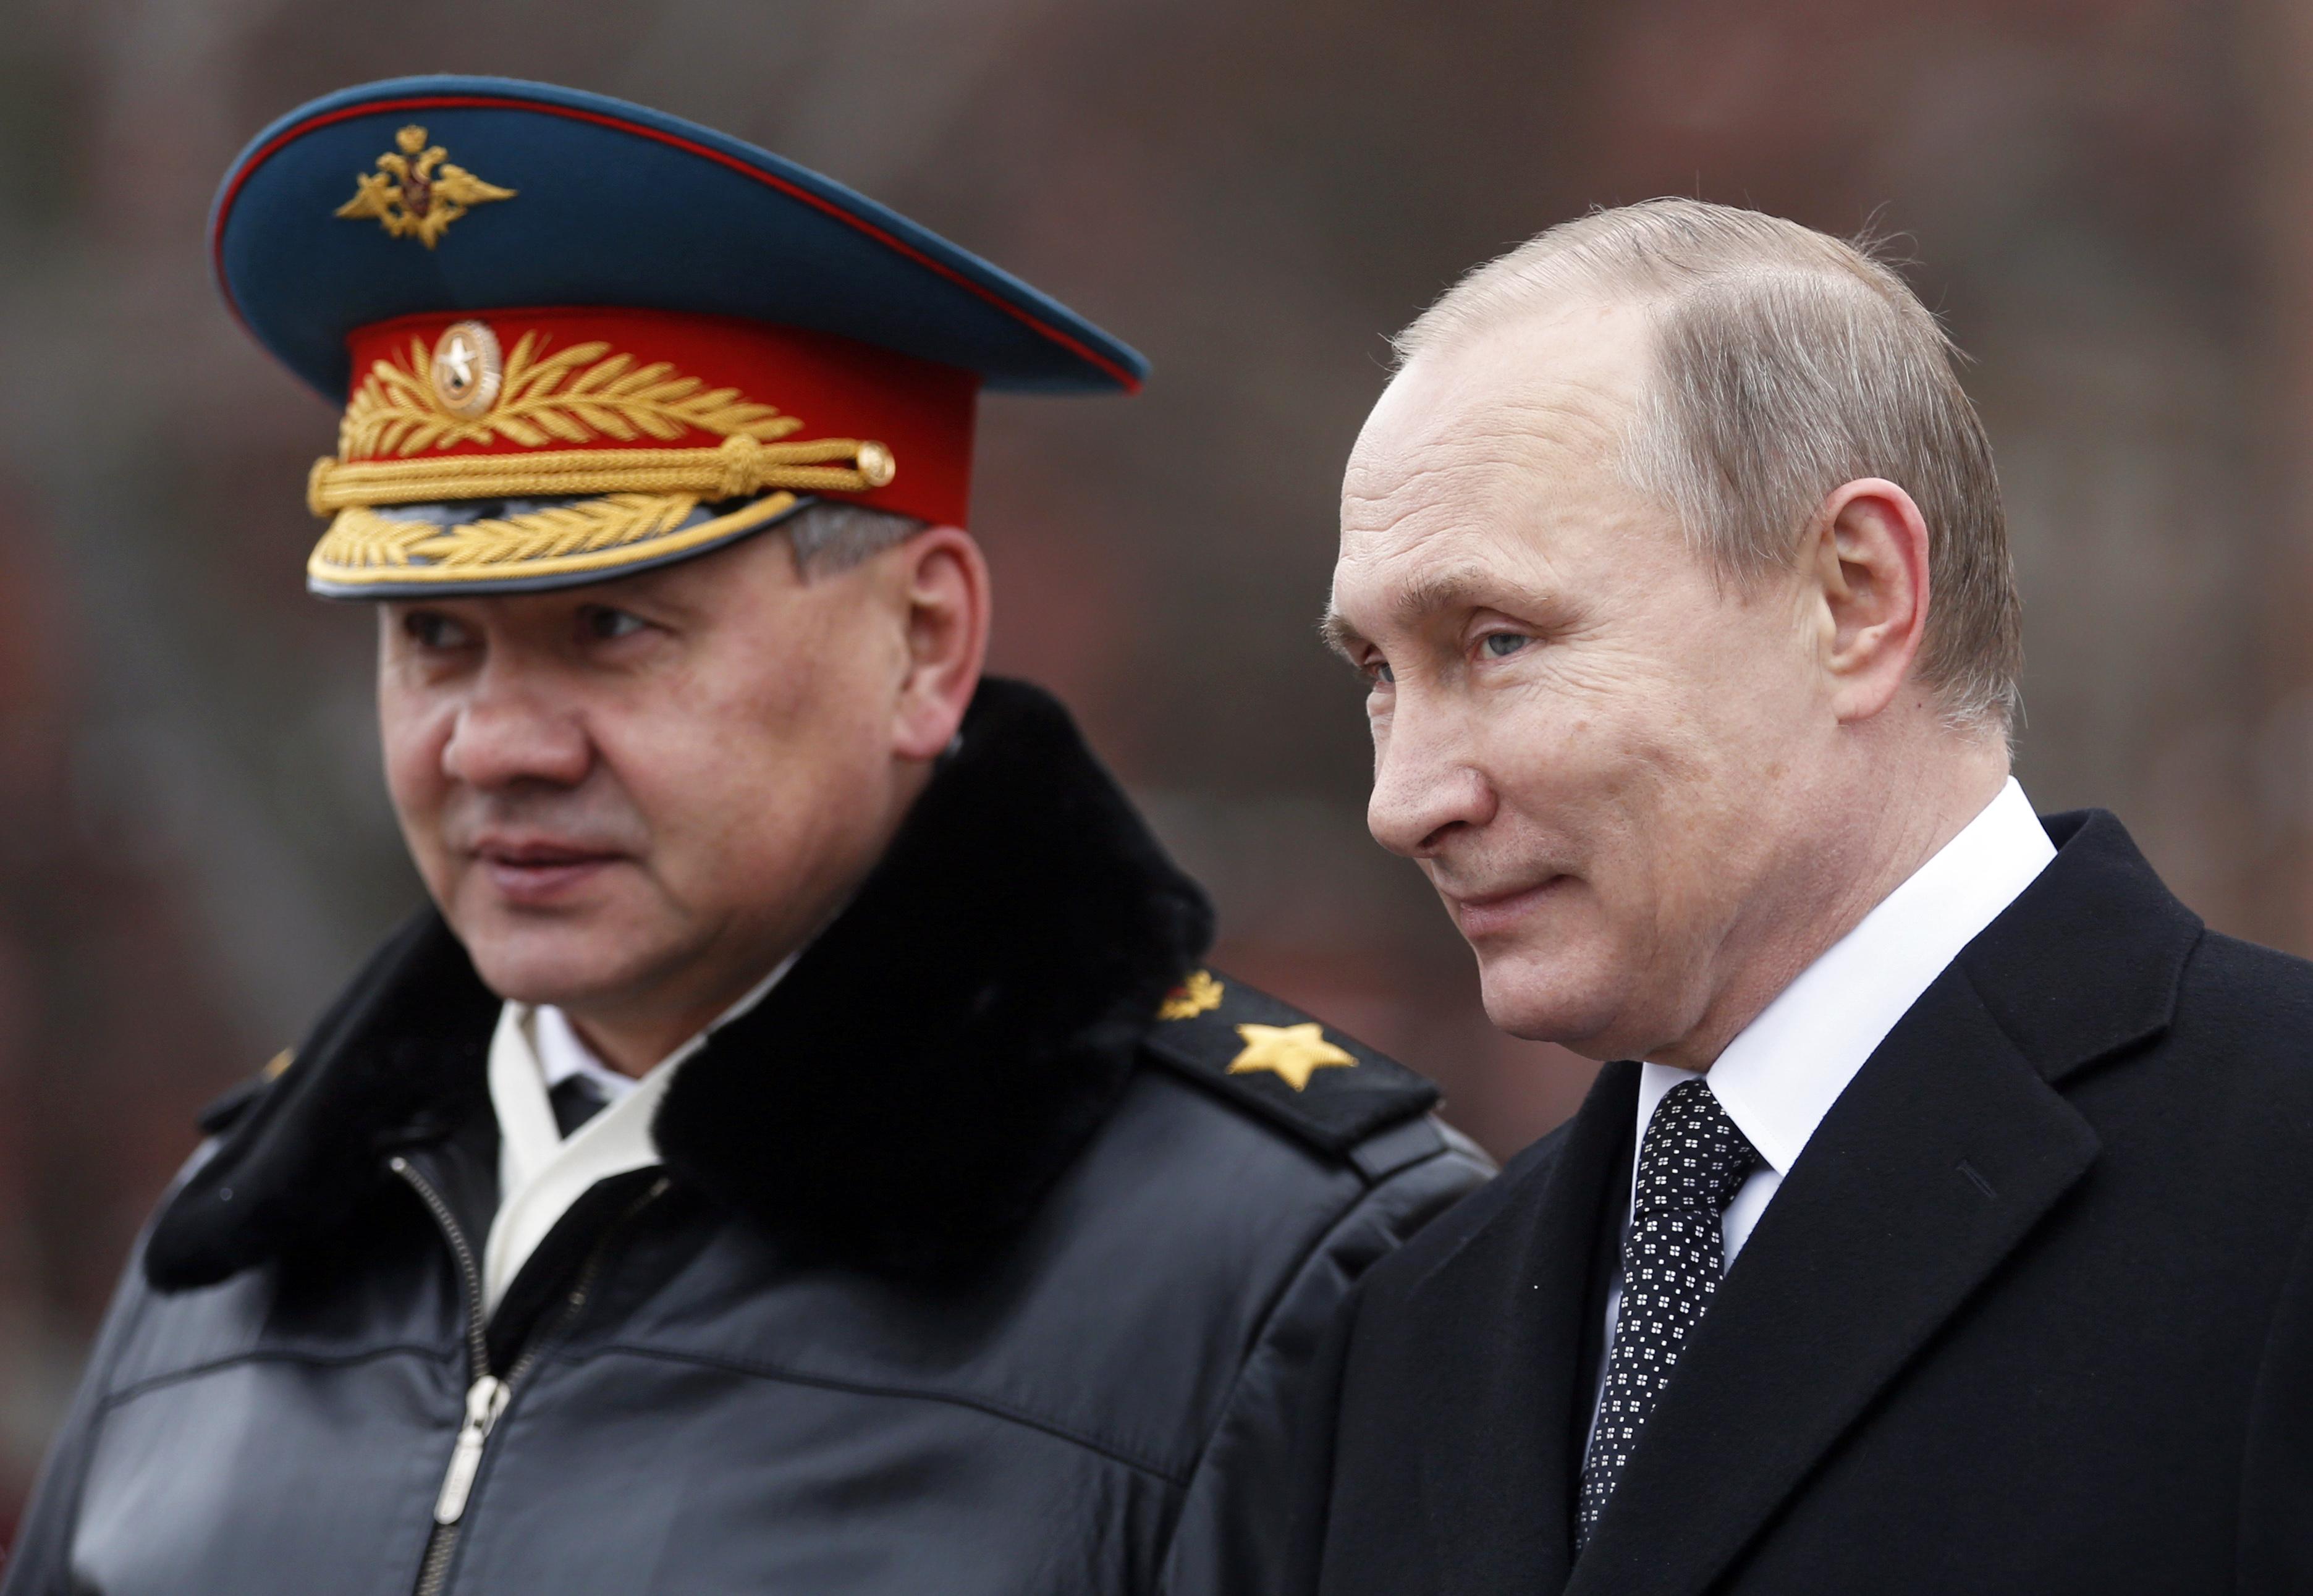 Министр обороны России Сергей Шойгу и президент России Владимир Путин. Фото: EPA